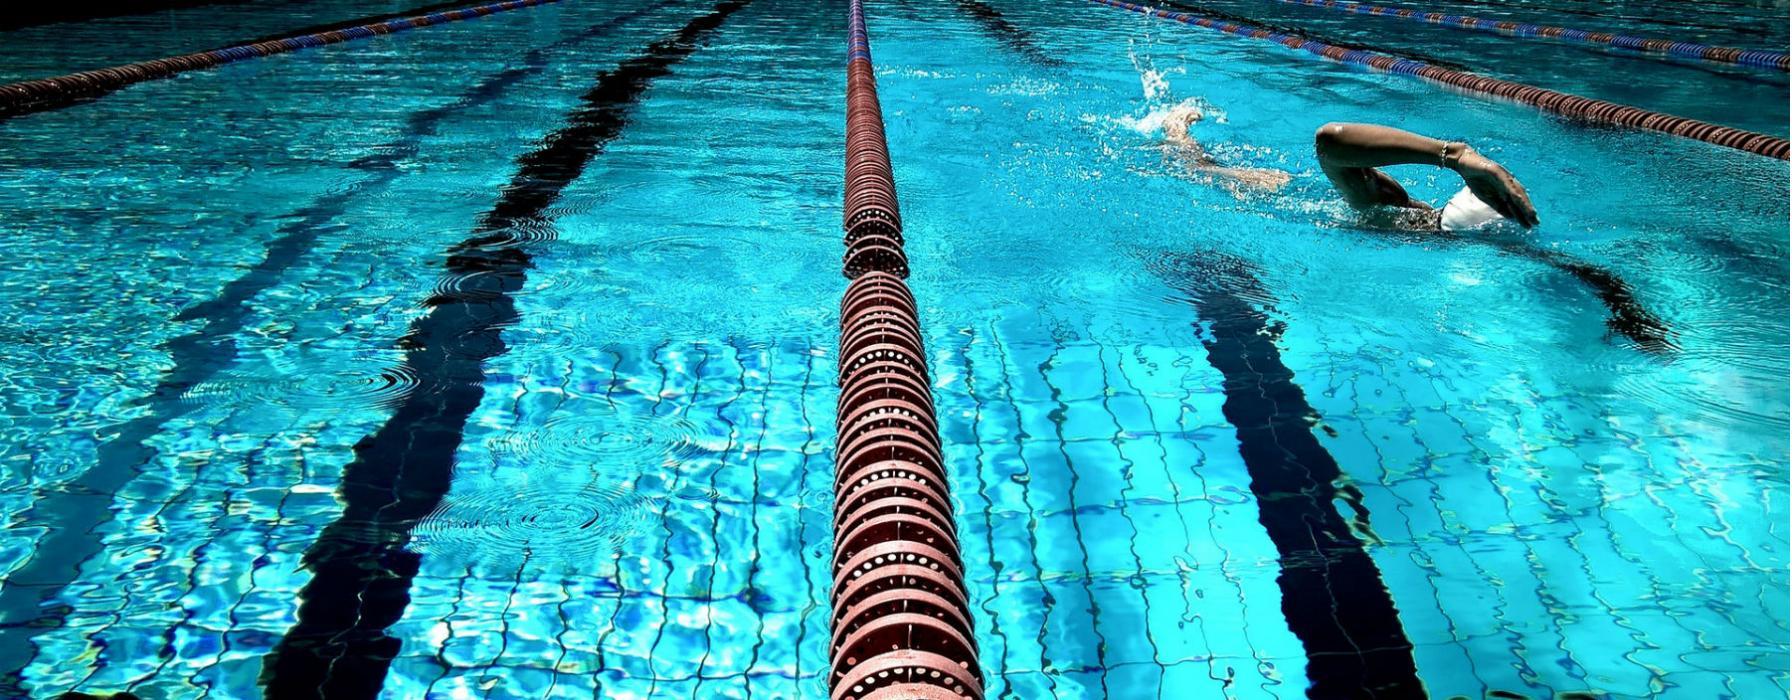 Nuotatore in piscina